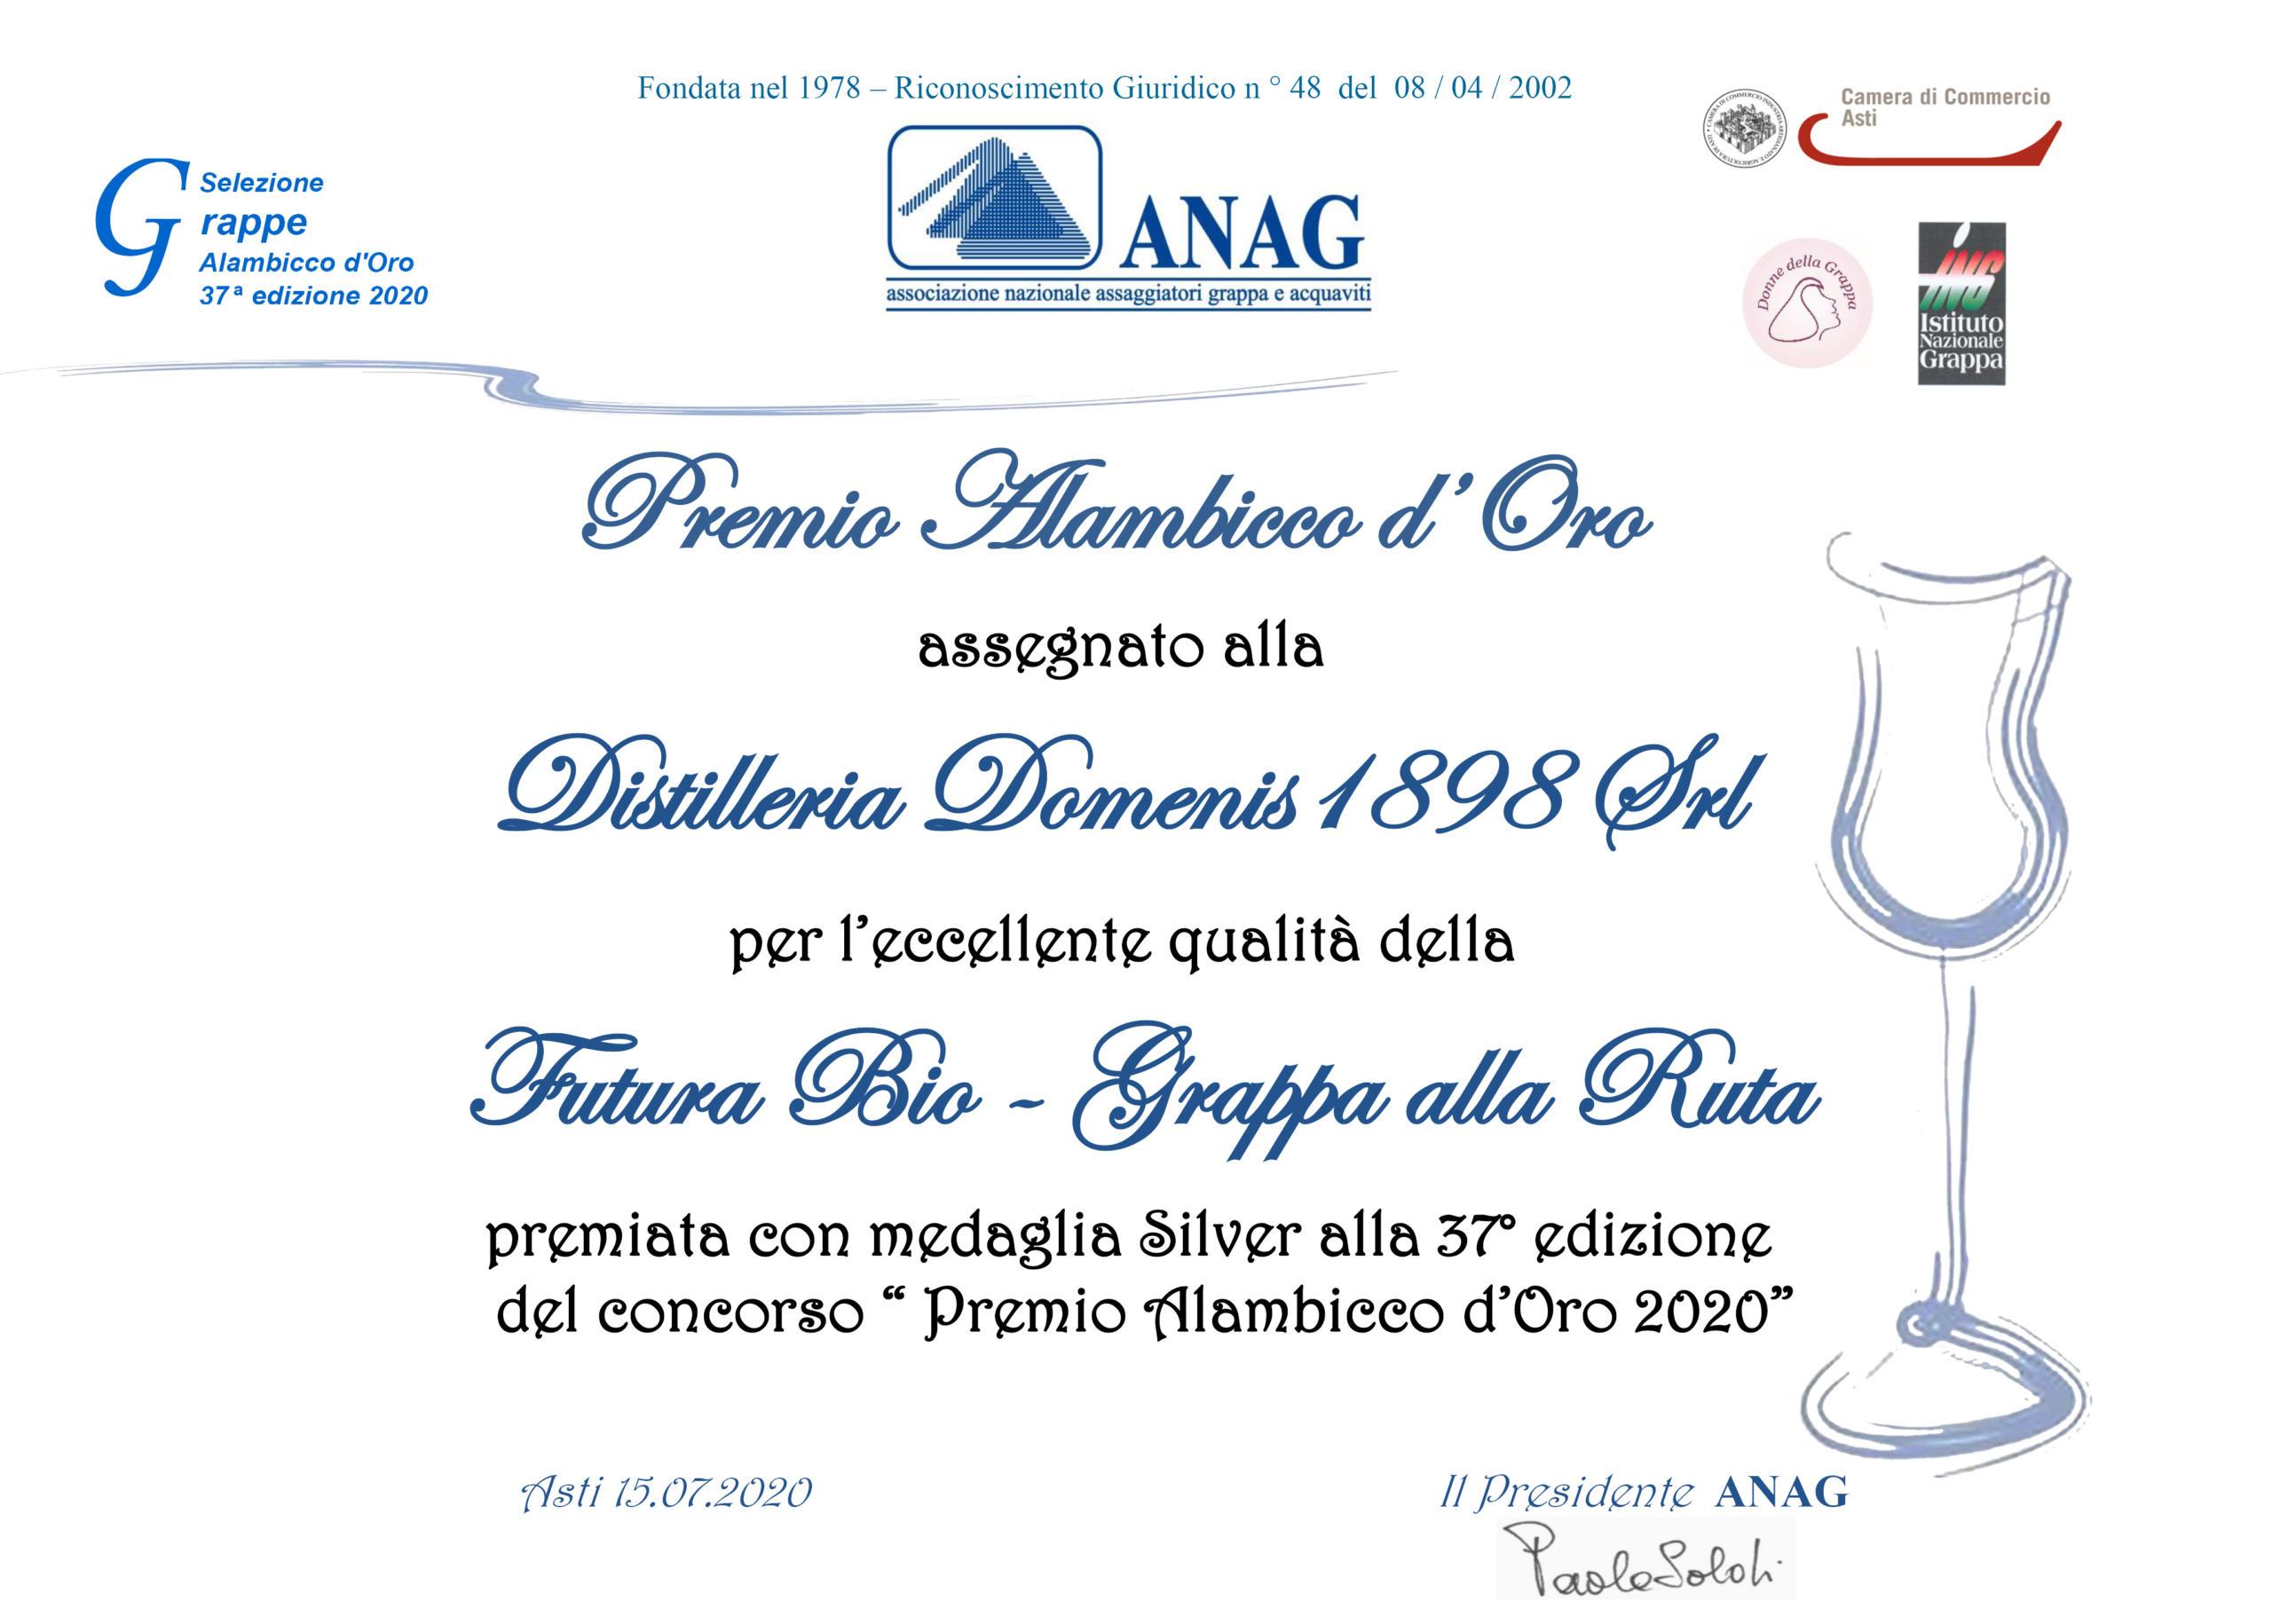 Premio Alambicco d'Oro 2020 – FUTURA BIO Grappa alla Ruta